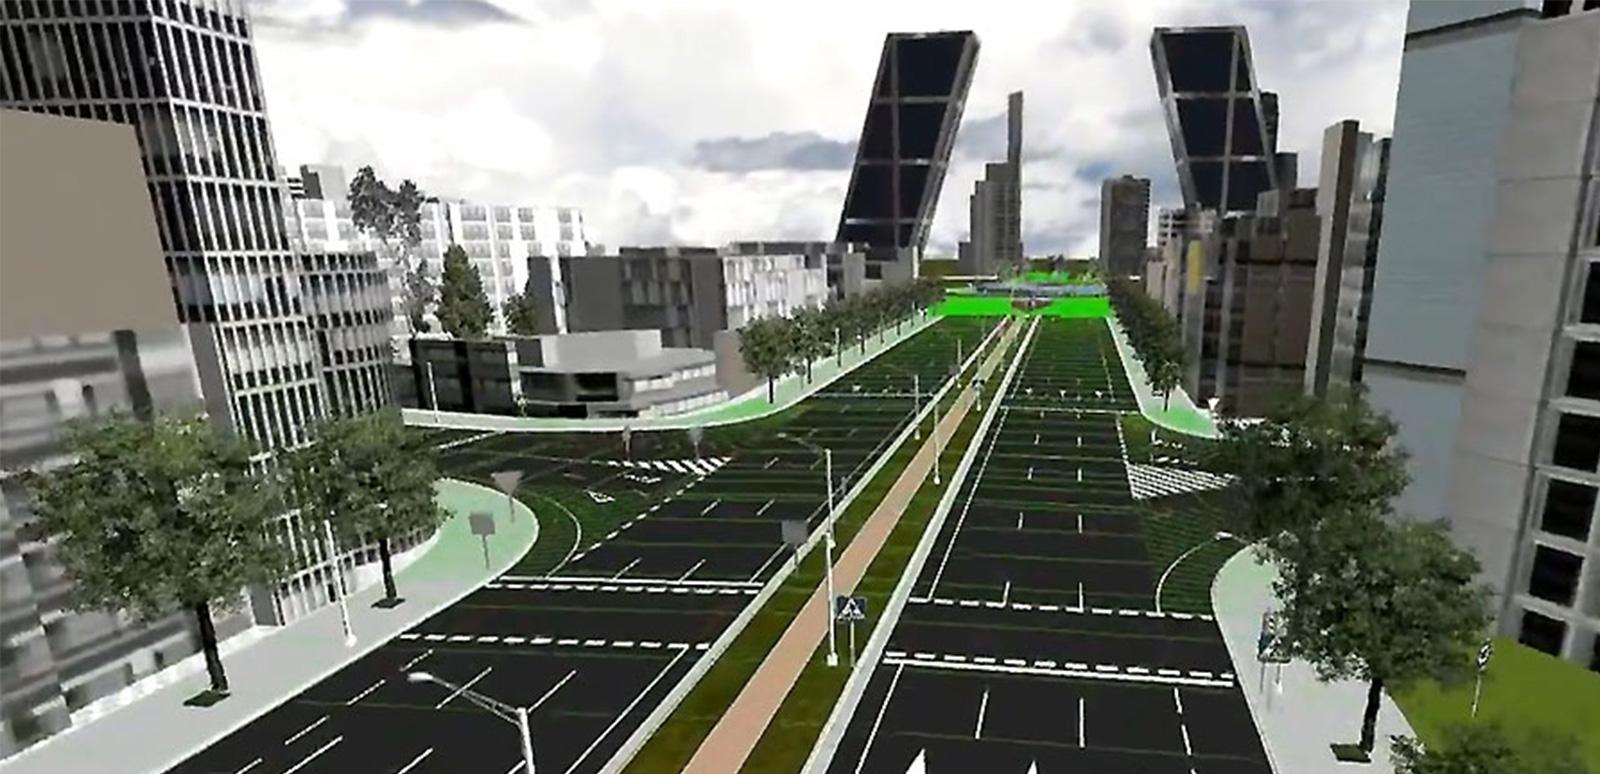 Curso BIM para Infraestructuras Diseño y Construcción (40h).- SANTIAGO DE CHILE (Marzo 2019)